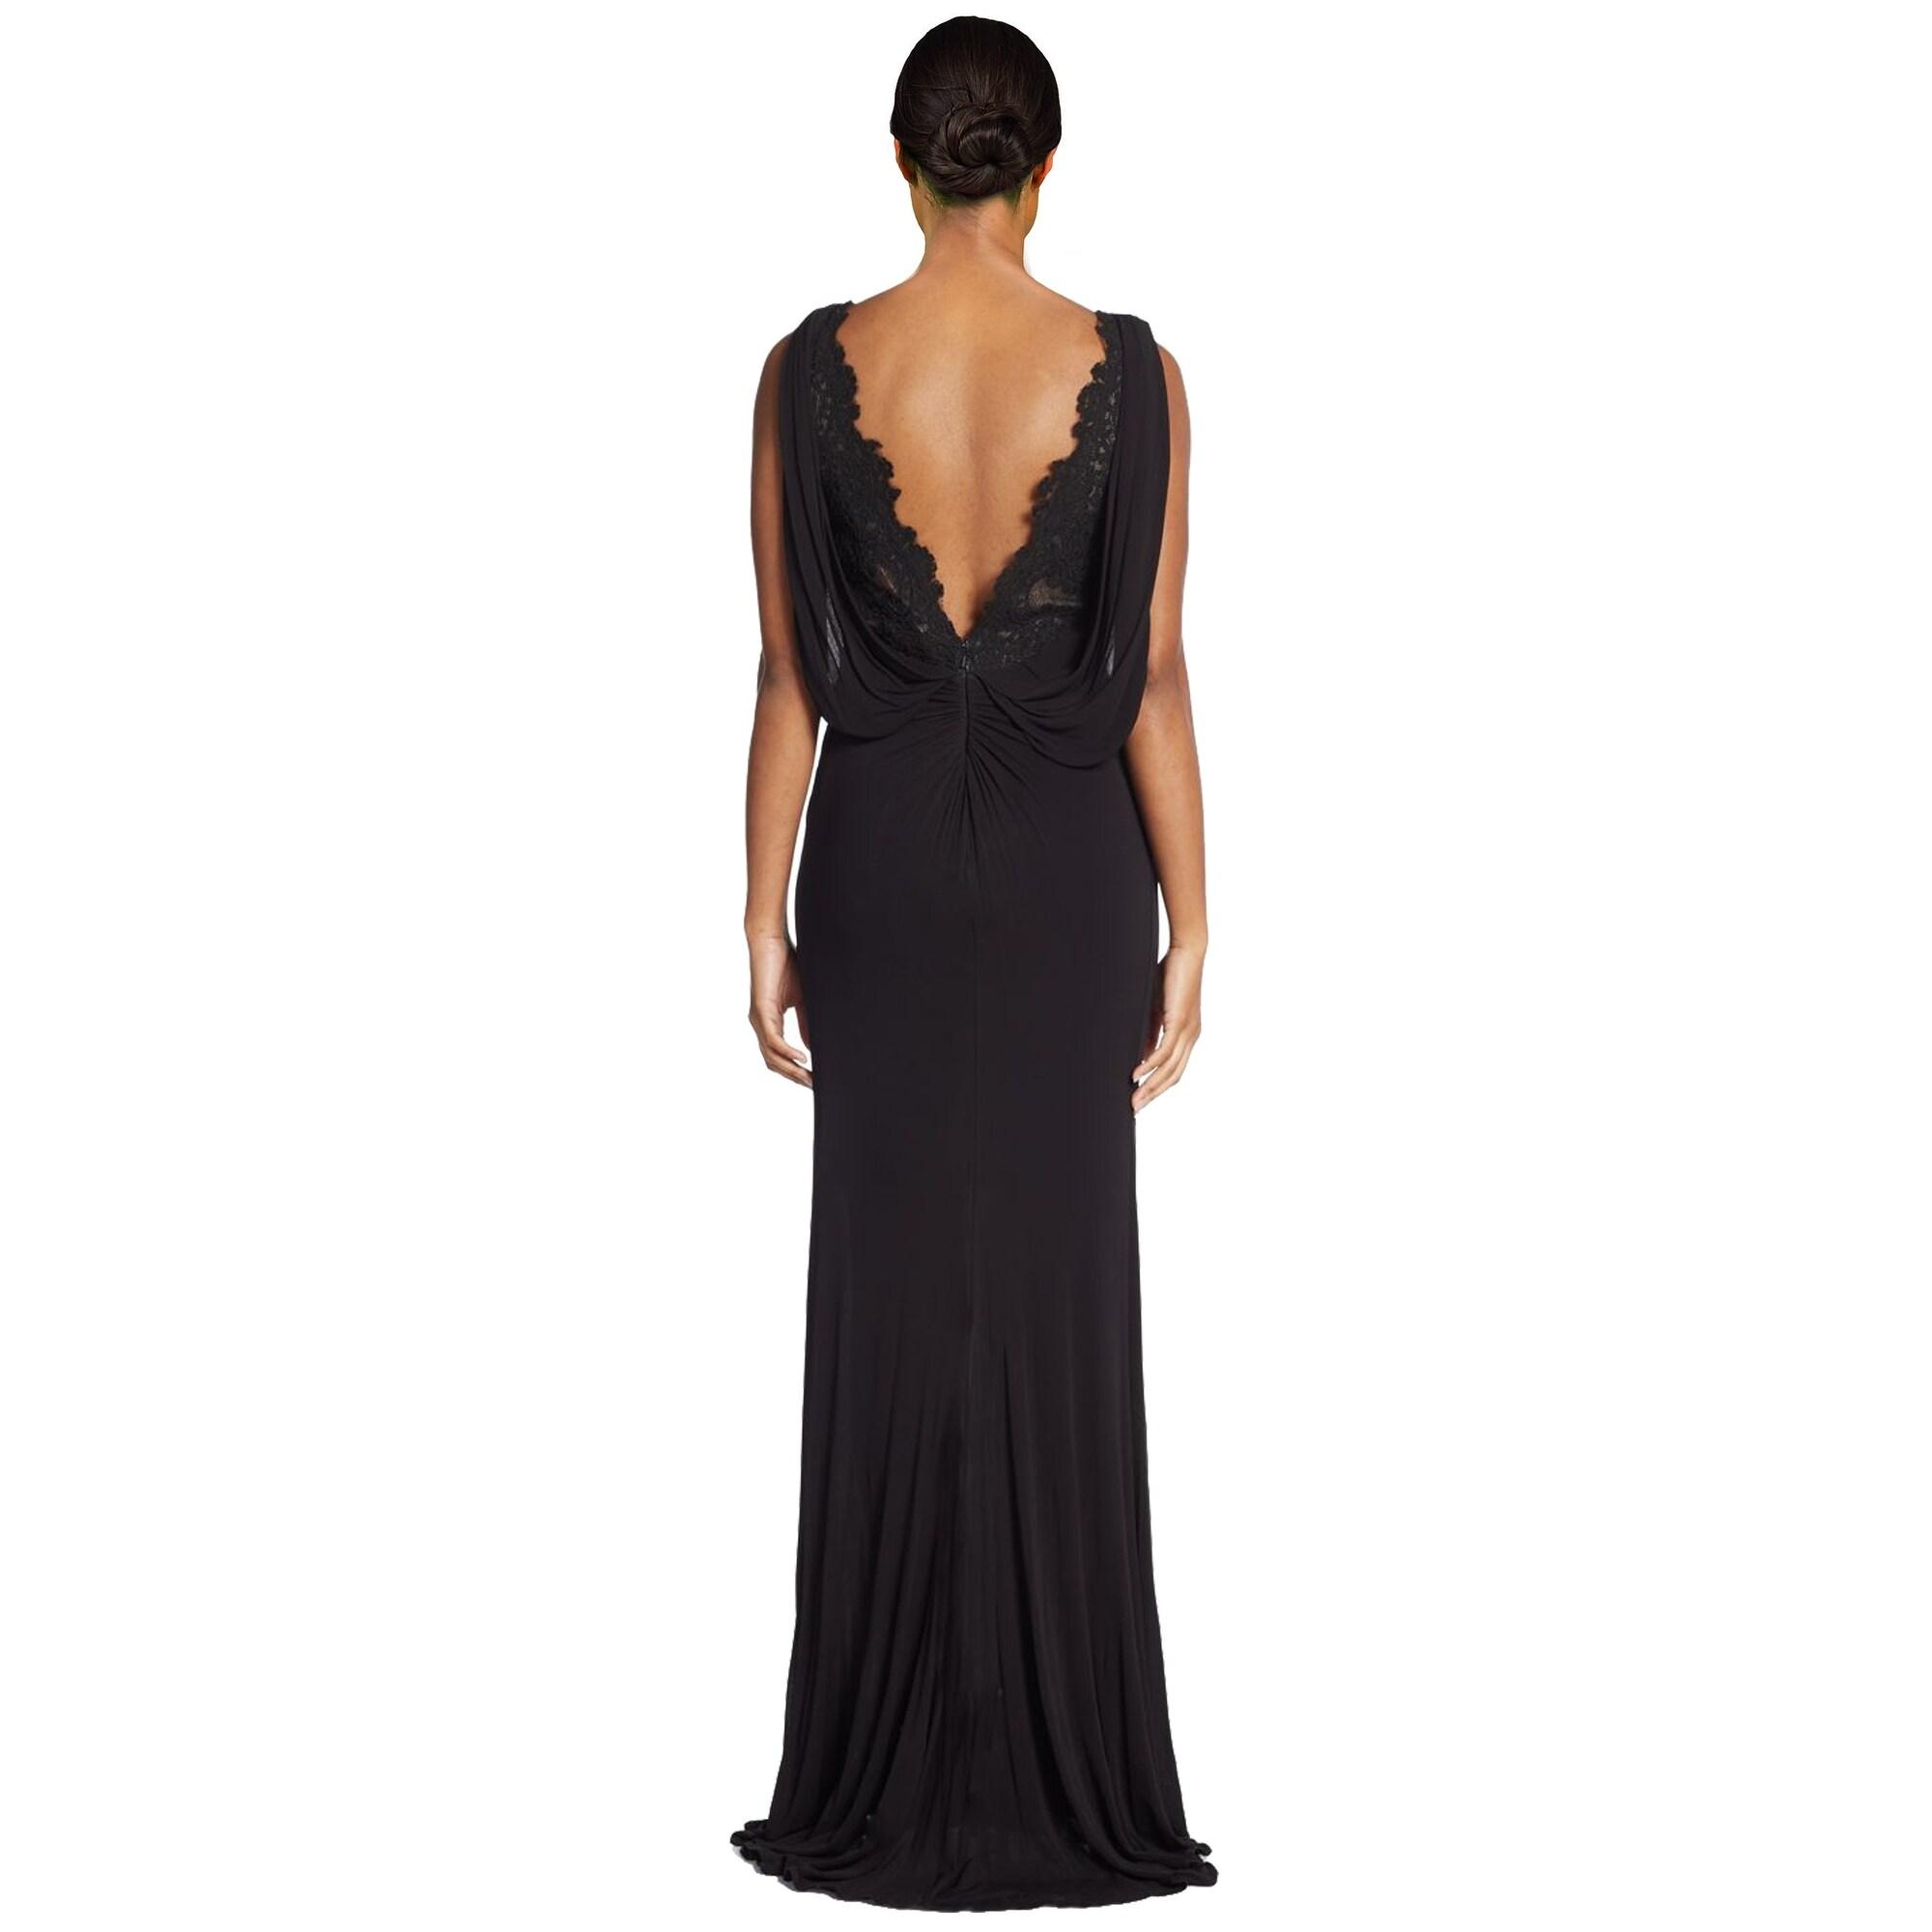 Shop ML Monique Lhuillier Lace Accented Draped Empire Evening Gown ...